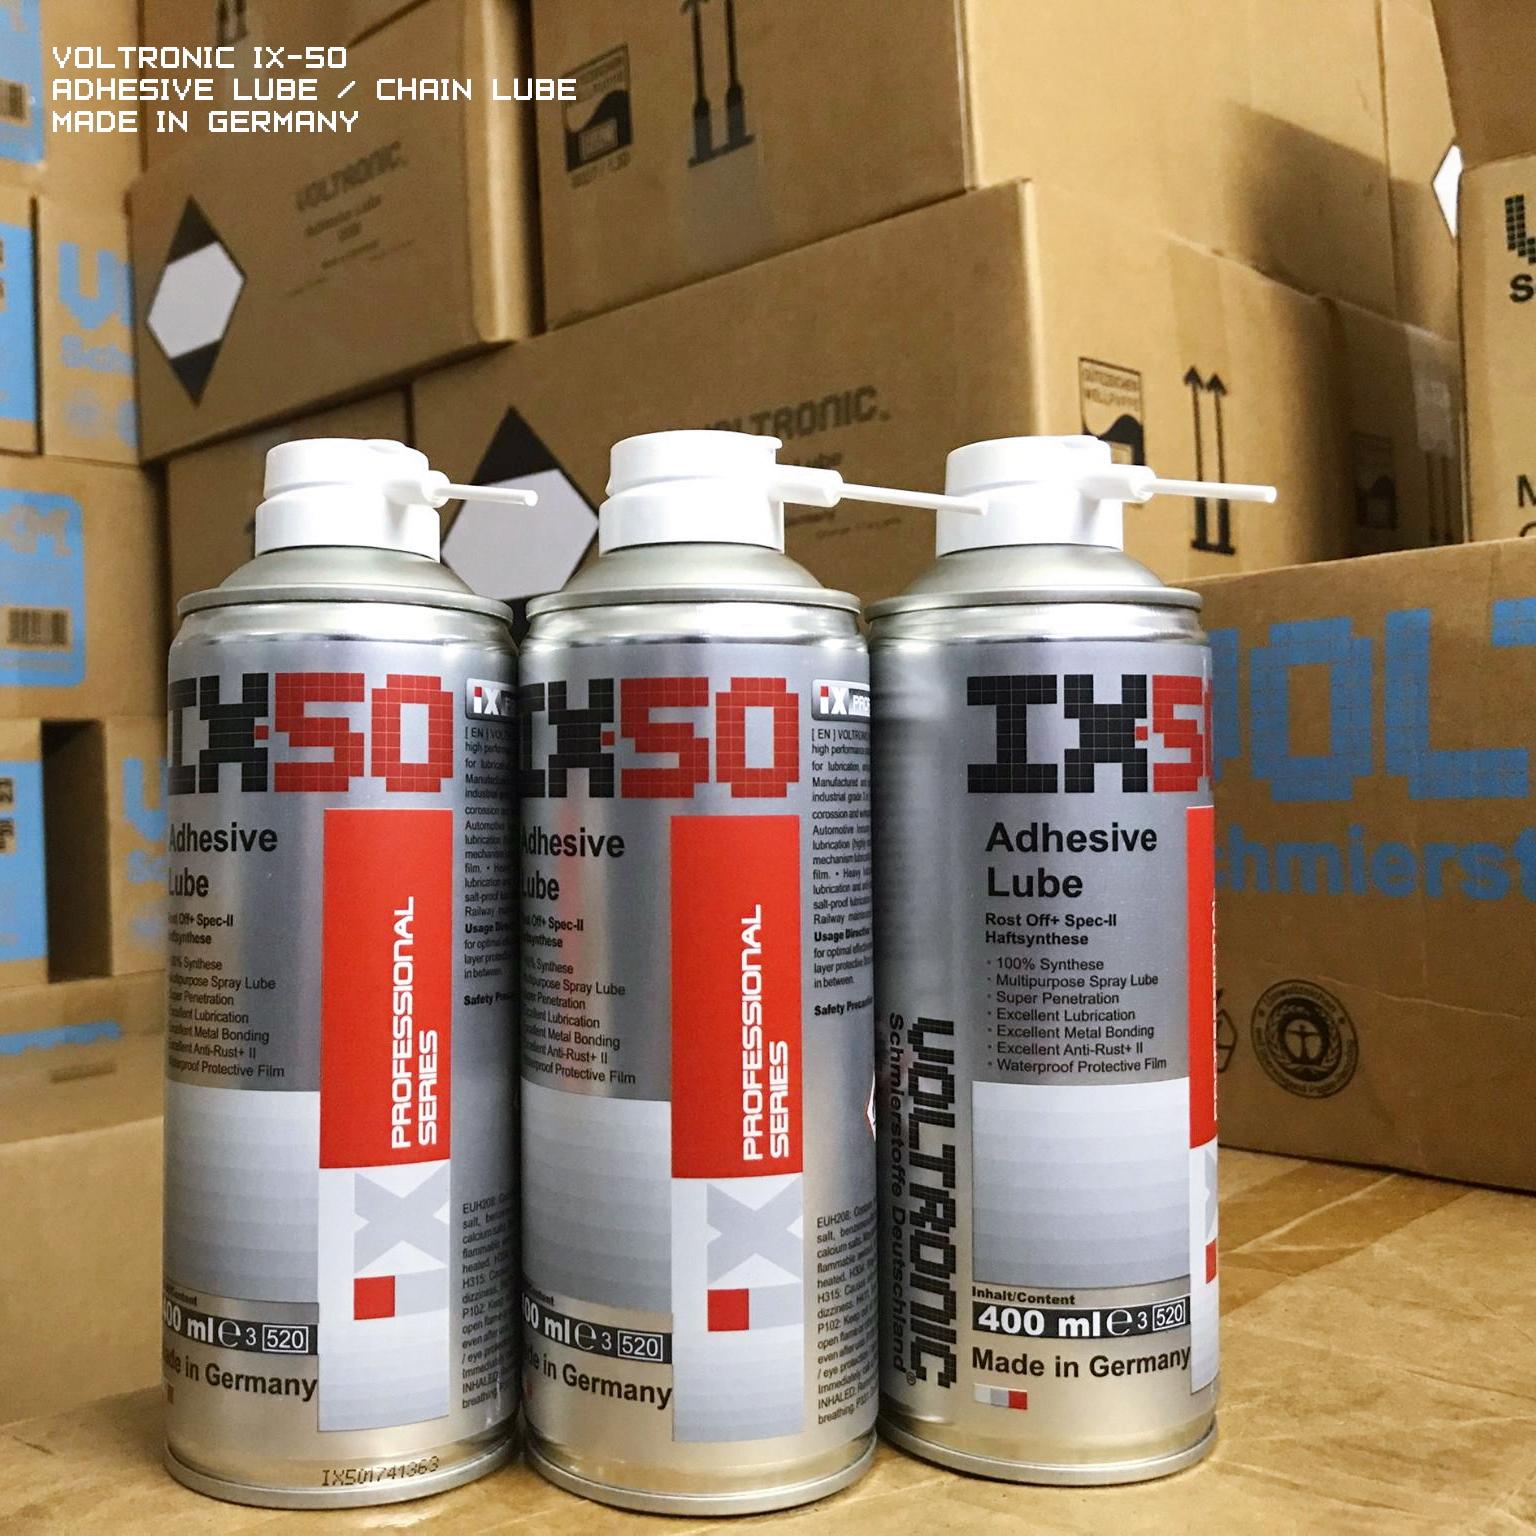 voltronic ix50 (5)